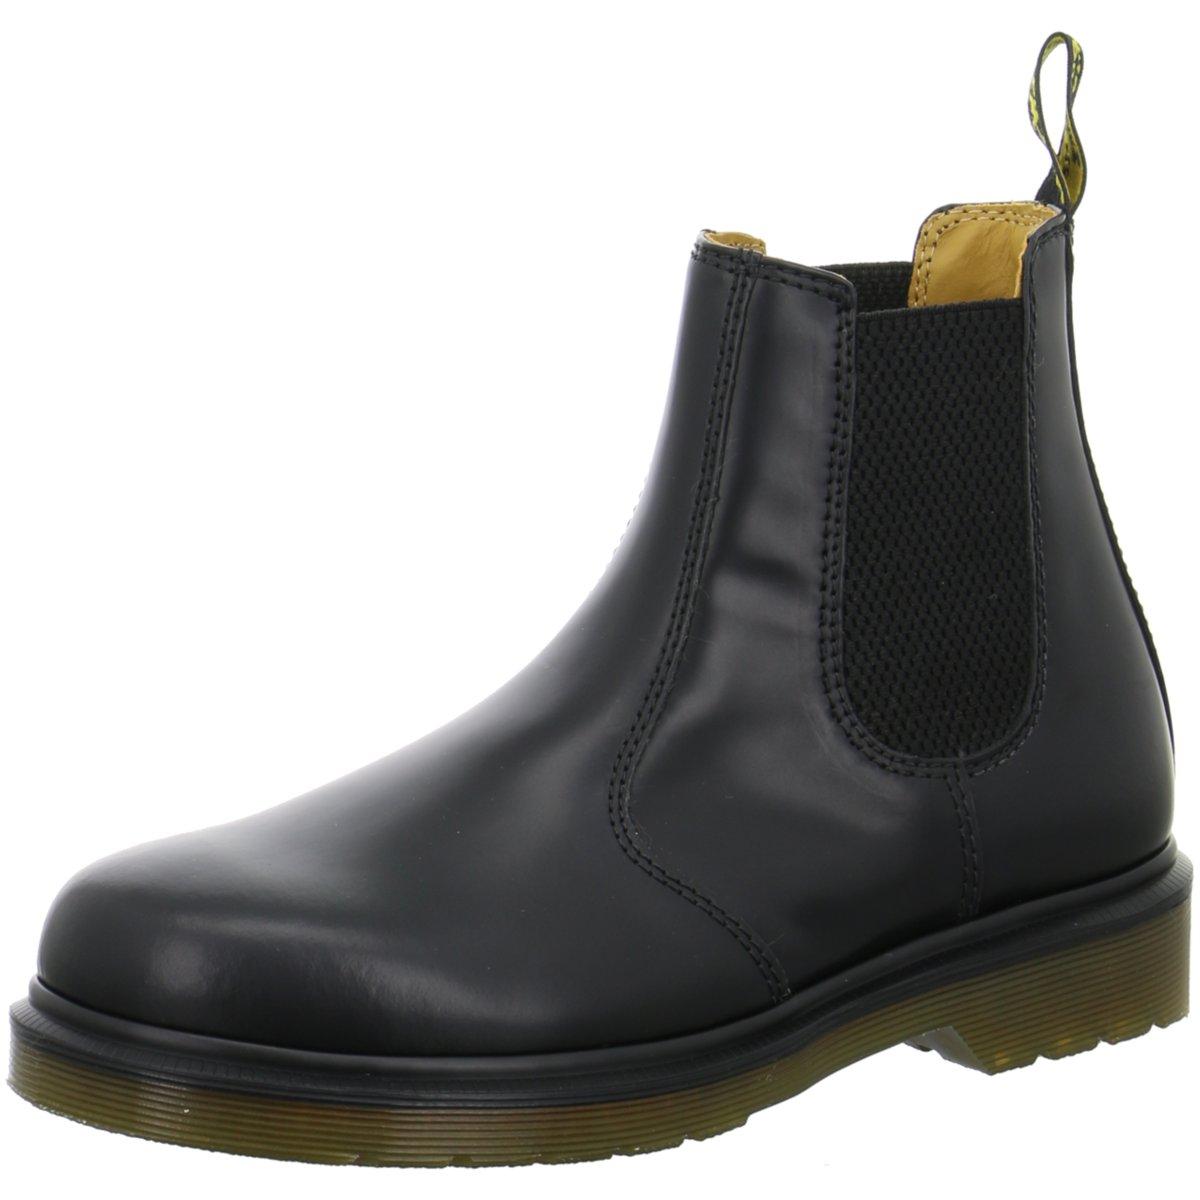 NEU Dr. Martens Airwair Herren Stiefel Chelsea Boots 11853001 schwarz 229462